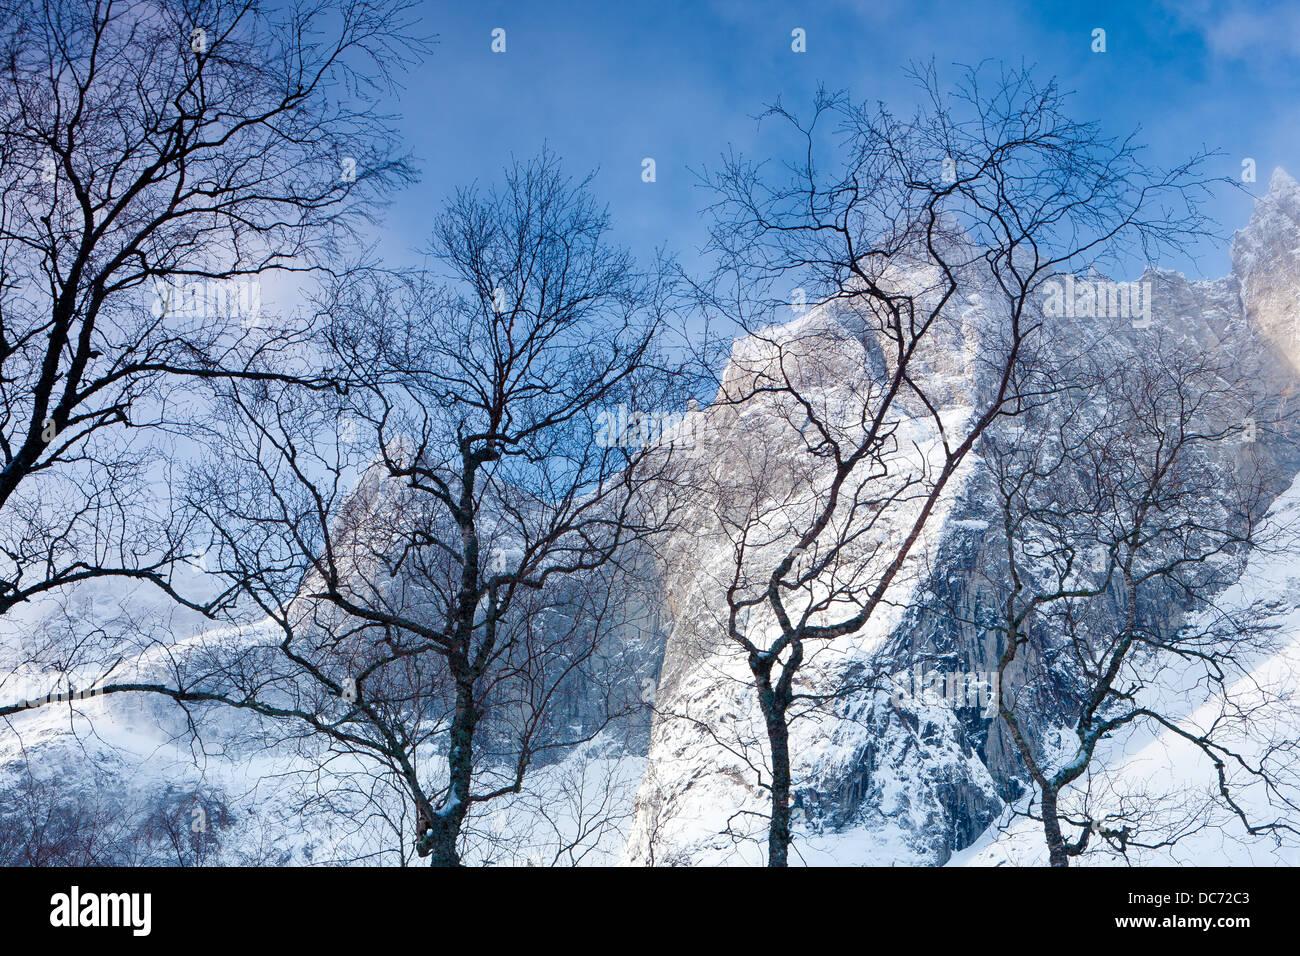 Wintermorgen in Romsdalen Tal in Rauma Kommune, Østfold fylke, Norwegen. Stockbild